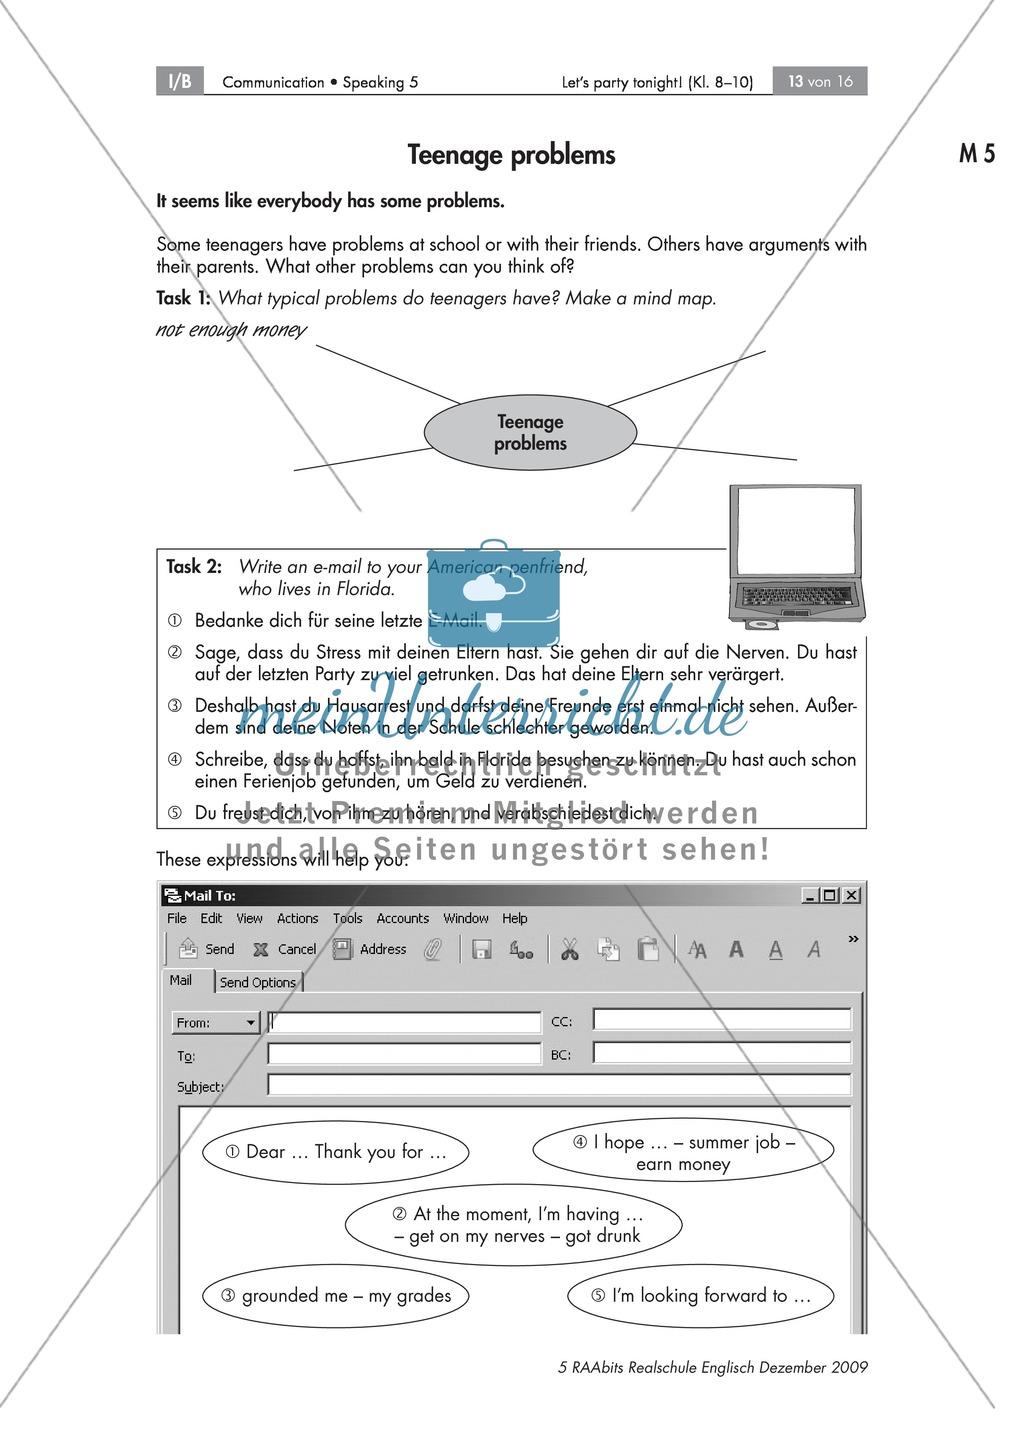 Typical teenage problems - mithilfe einer Mindmap verfassen die Schüler eine E-Mail zu Jugendproblemen Preview 0